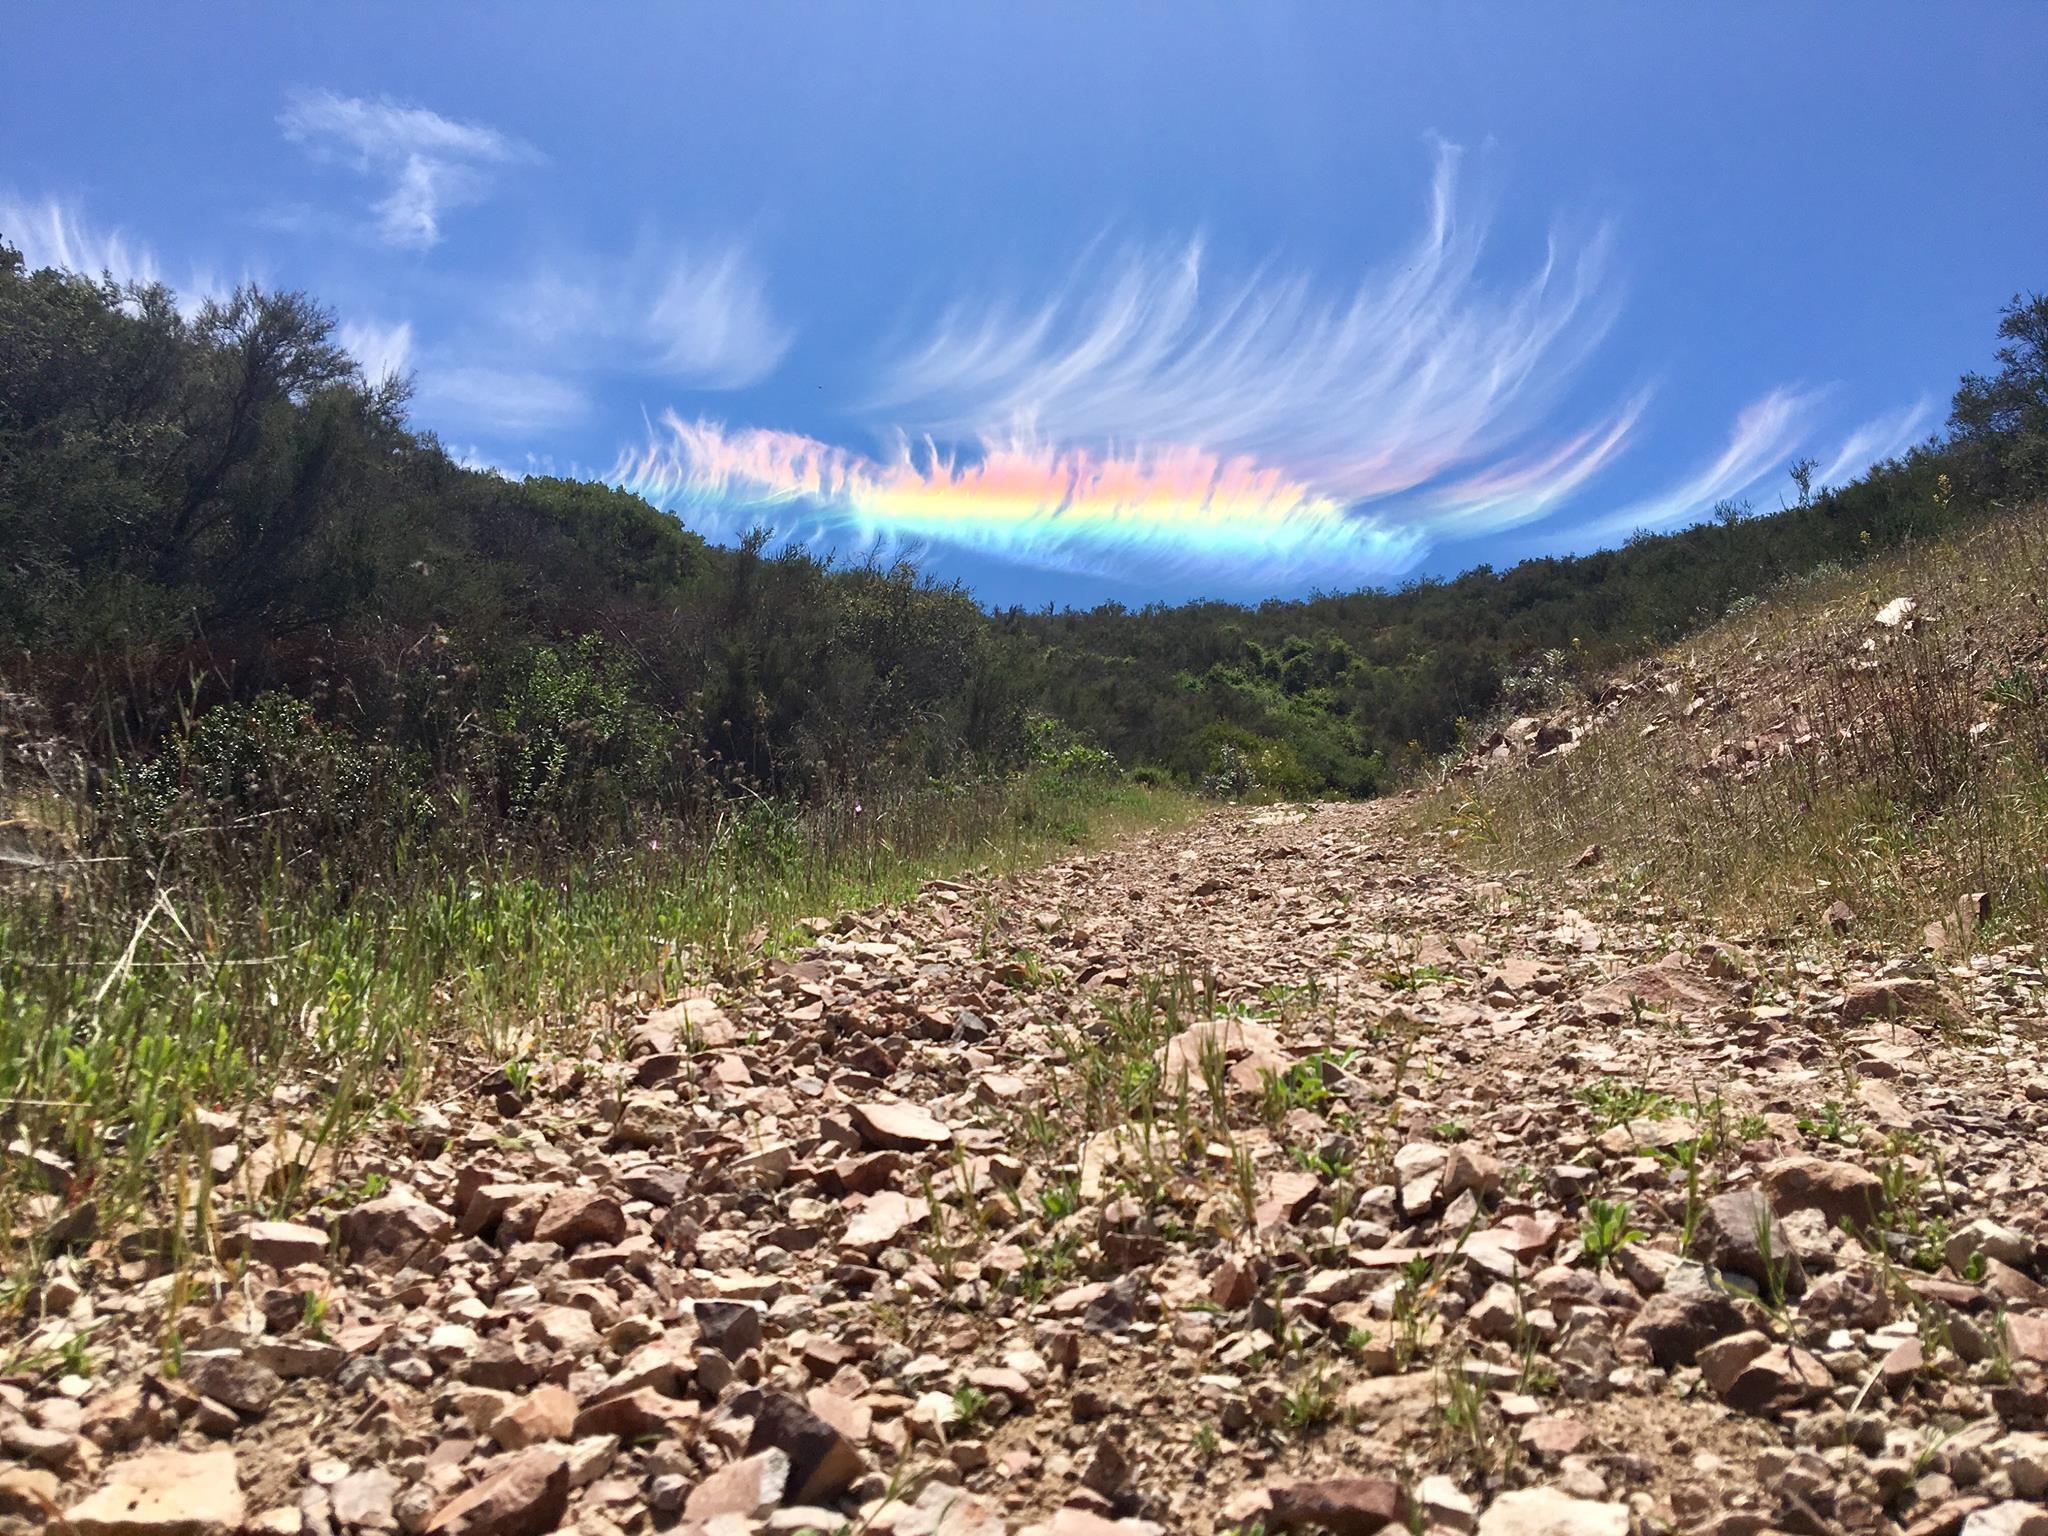 Радужные облака было на момент 2009 года довольно редким явлением, называемое радужные облака, которое порой может быть многоцветным, и иногда демонстрировать весь спектр в один момент. Эти облака состоят из мельчайших водяных капелек примерно одинаковых размеров. Когда Солнце находится под определенным углом и почти скрыто толстыми облаками, более тонкие облака преломляют солнечный свет когерентно, так что разные цвета отклоняются по-разному. Таким образом, лучи света различных цветов приходят к наблюдателю с немного разных направлений. Многие облака могли бы выглядеть как радужные и могли бы быть разноцветными, но оказываются слишком толстыми, либо слишком перемешанными, либо слишком далеко от Солнца. 26 апрель 2018 год © фотографии M. Jimenez Яркая радужная дуга и перистые облака над Национальным парком Пиннаклс, штат Калифорния, США.